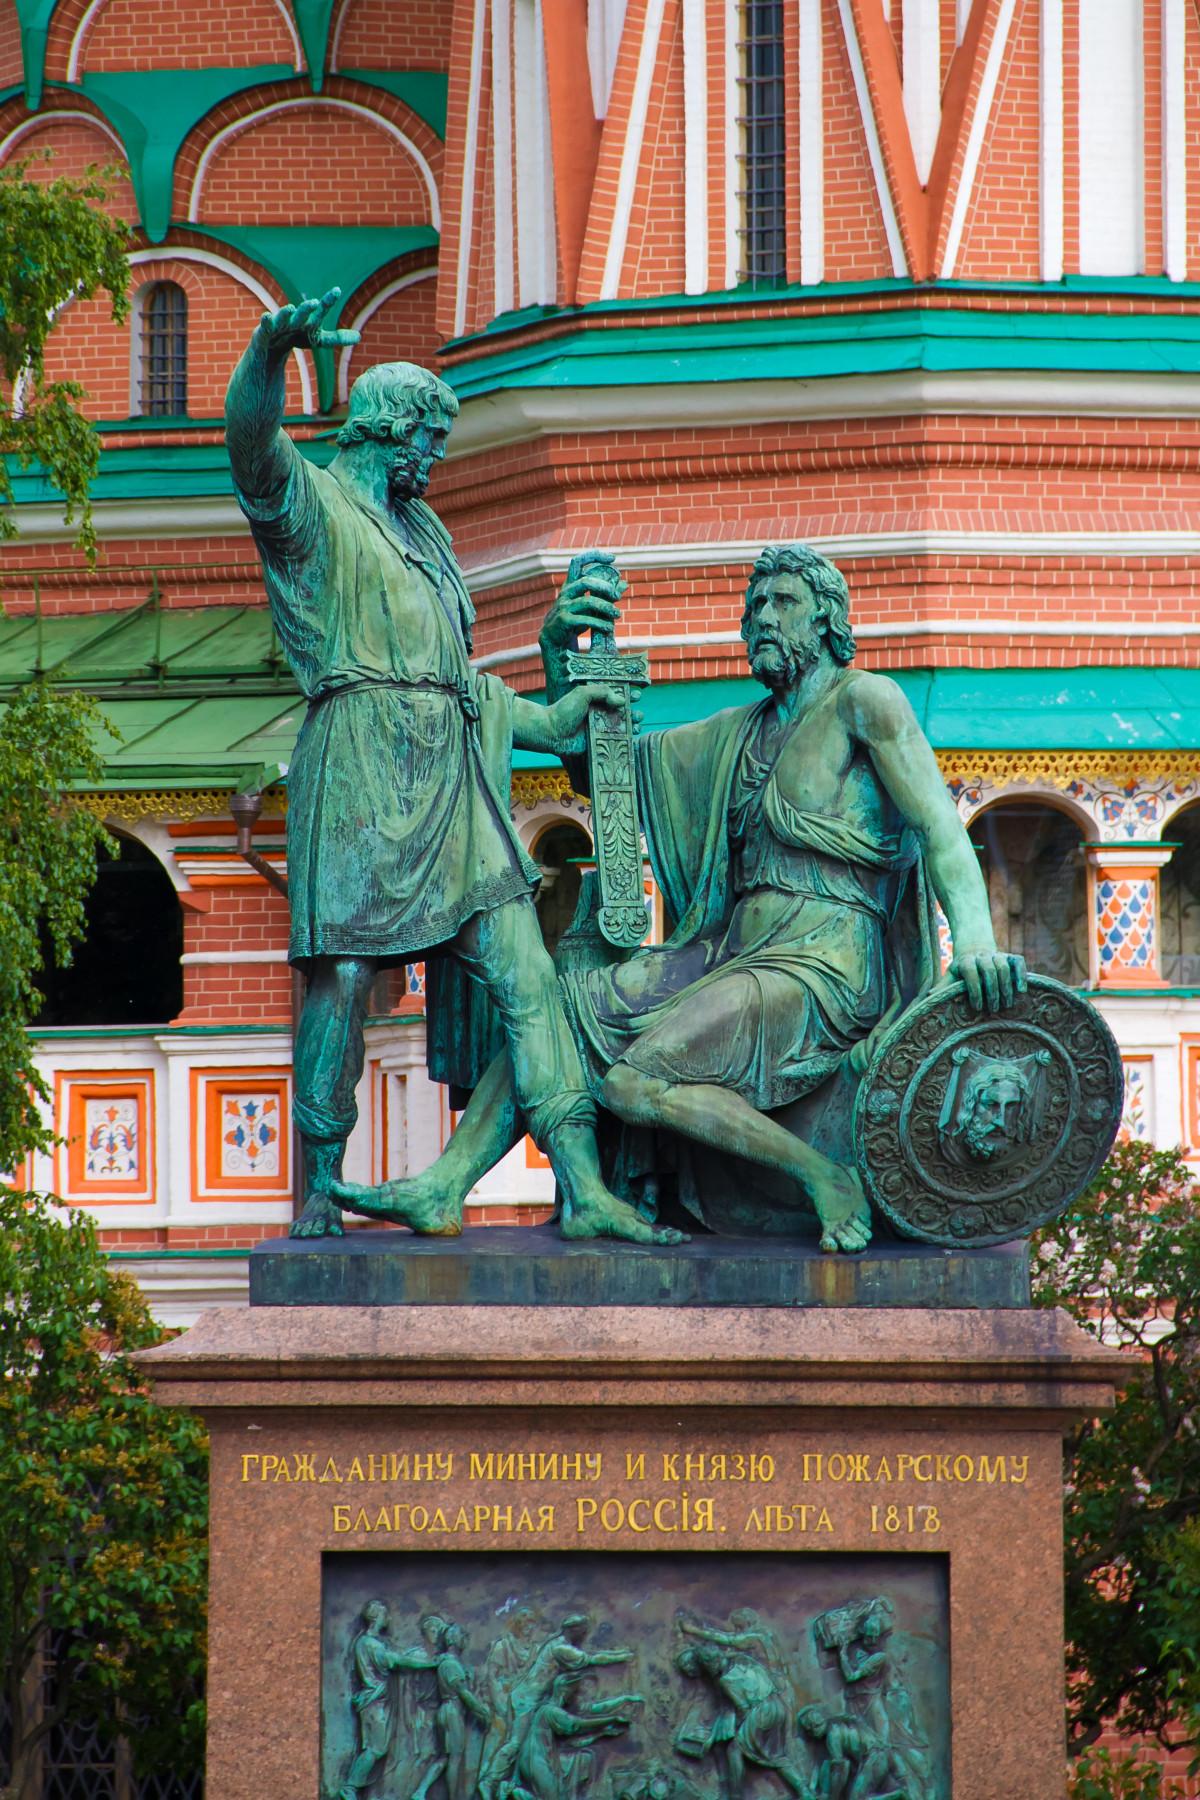 Цена на памятники в москве фото луга памятники саратов цены церковь